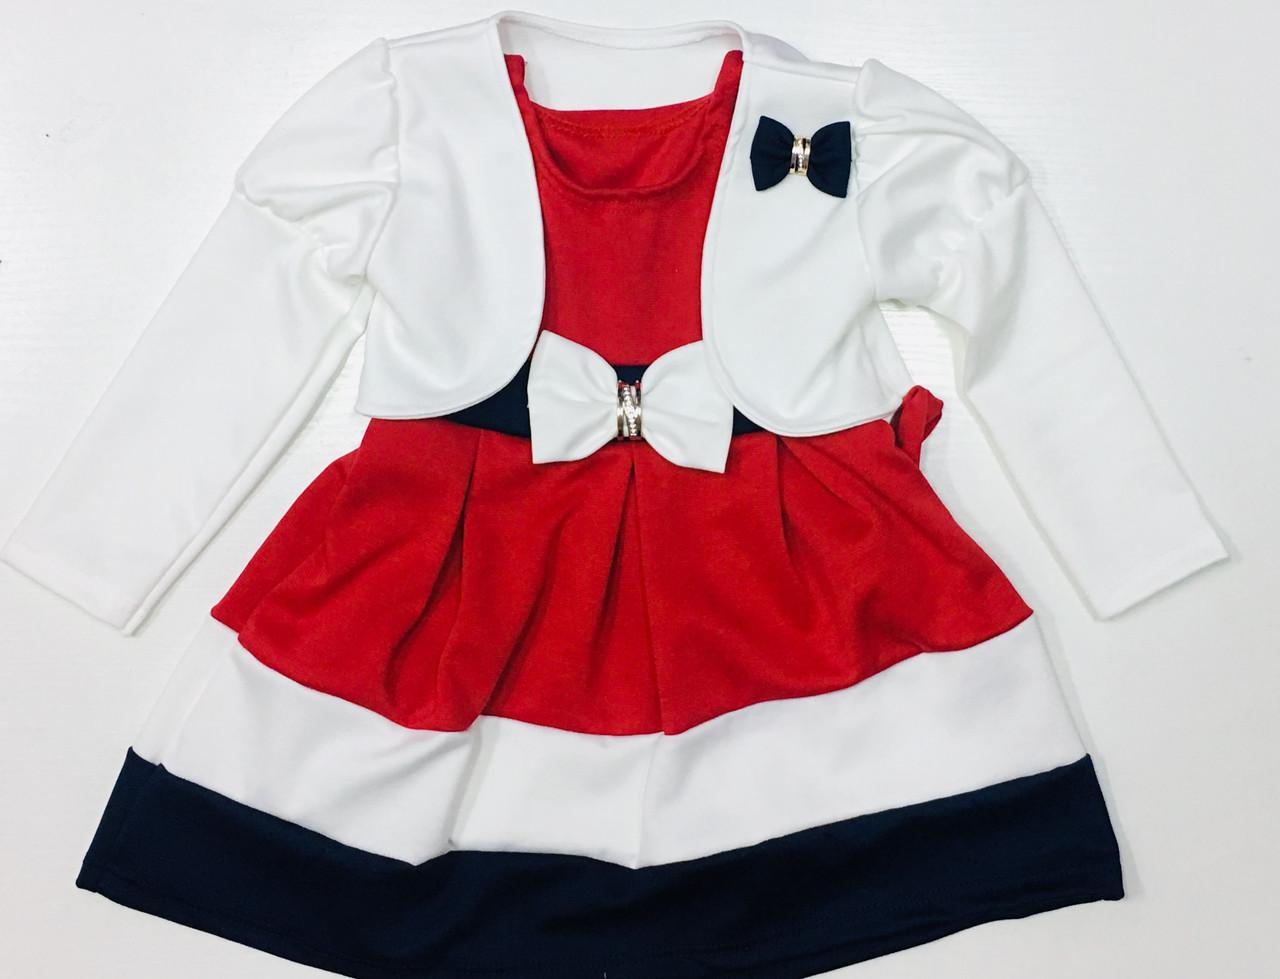 Сукня для дівчаток з пояском і болеро на 1 рік, 80см